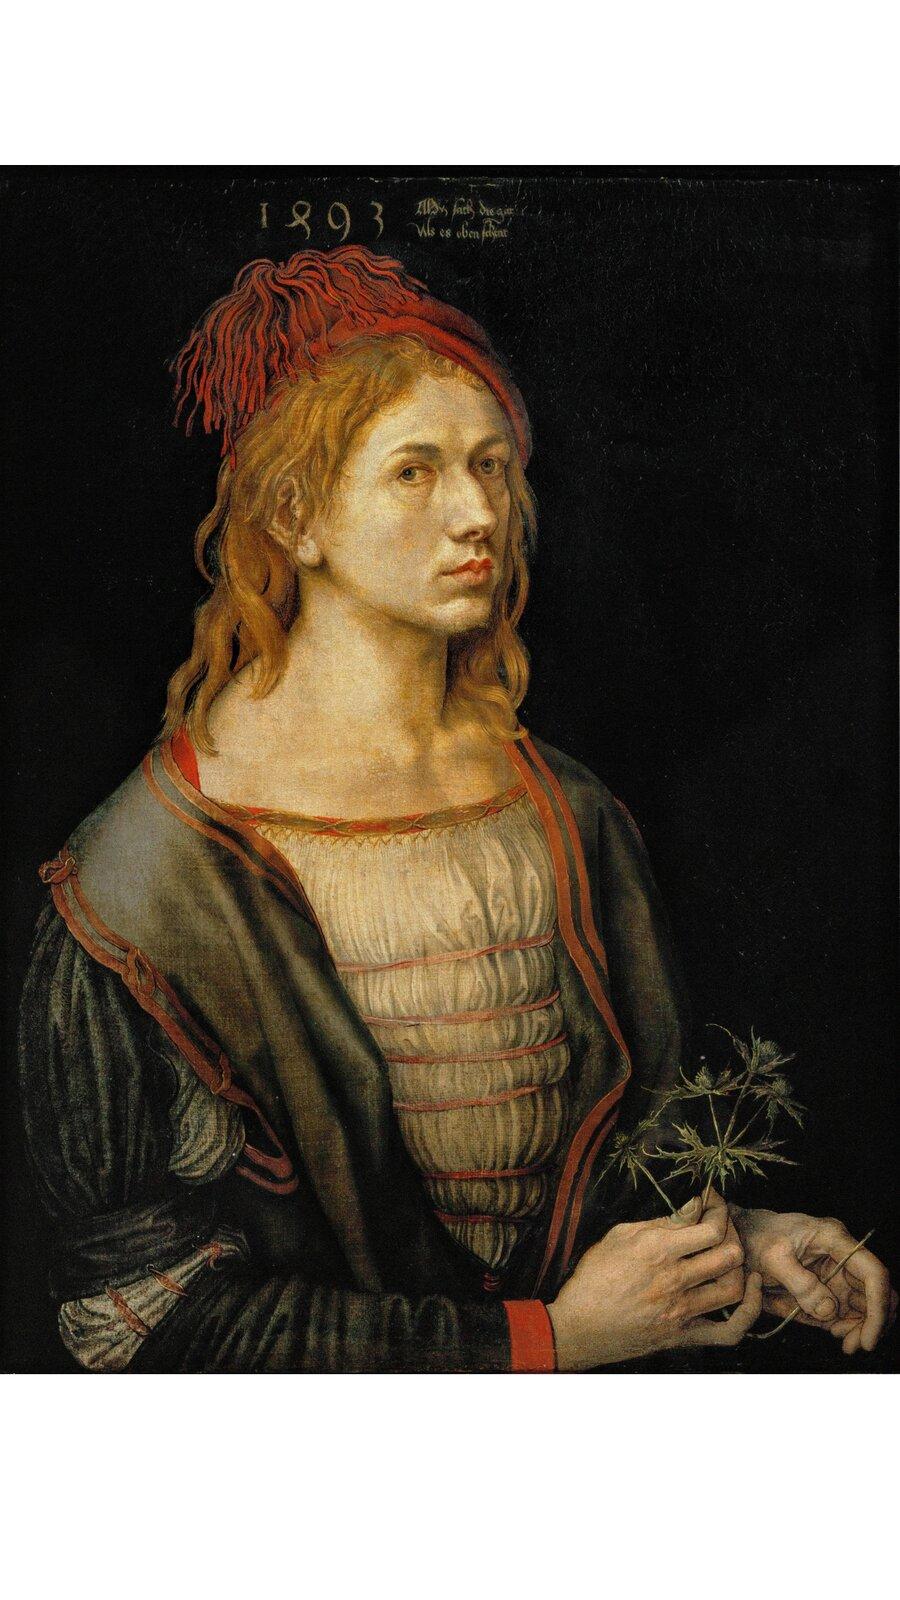 Obraz przedstawia popiersie mężczyzny trzymającego oset. Twarz ukazana jest en trois quarts, czyli wtrzech czwartych.